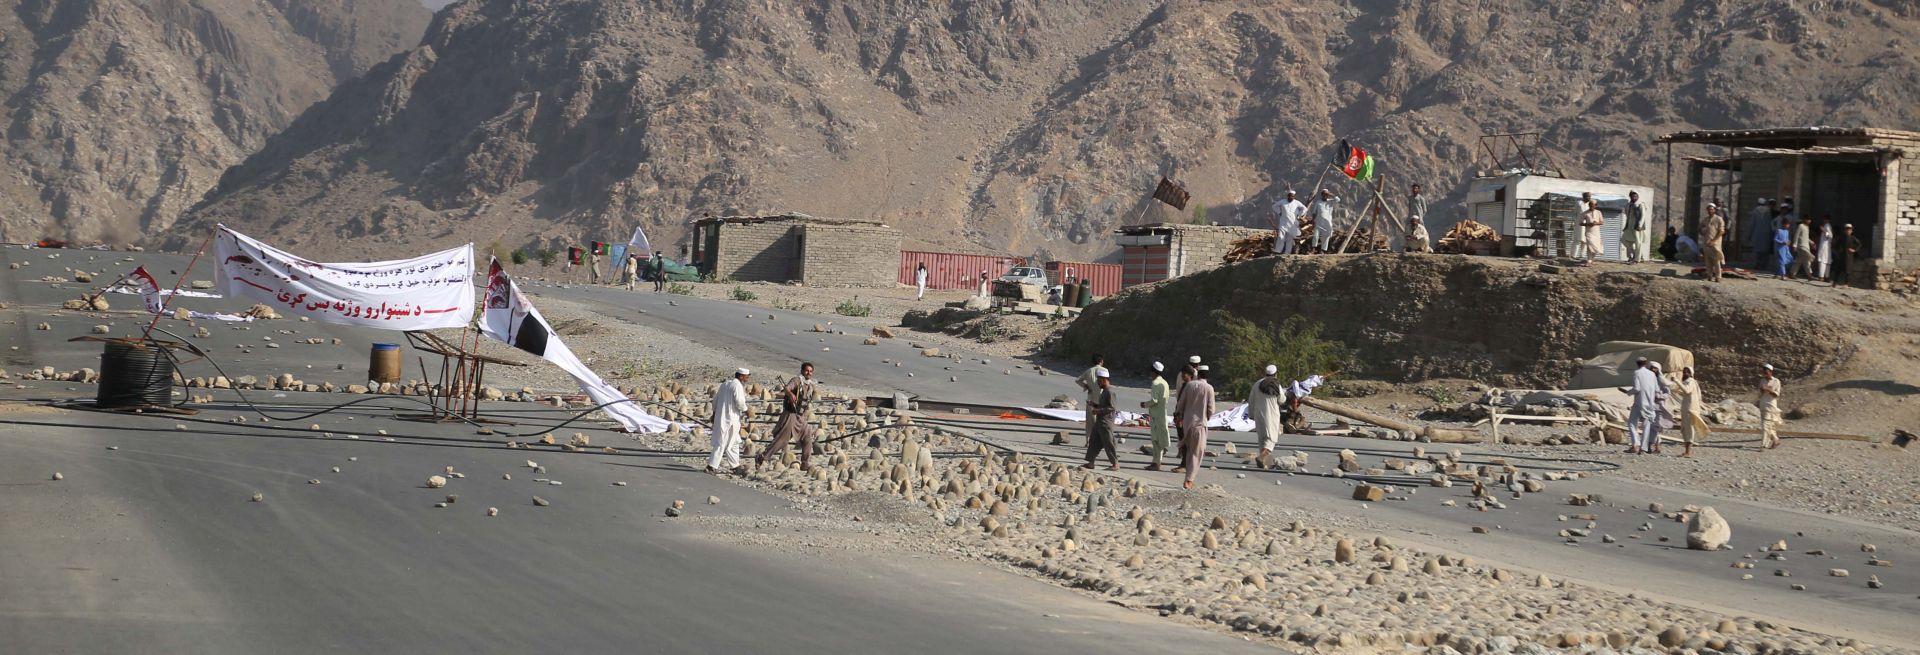 Broj mrtvih u samoubilačkom napadu u Afganistanu porastao na 68